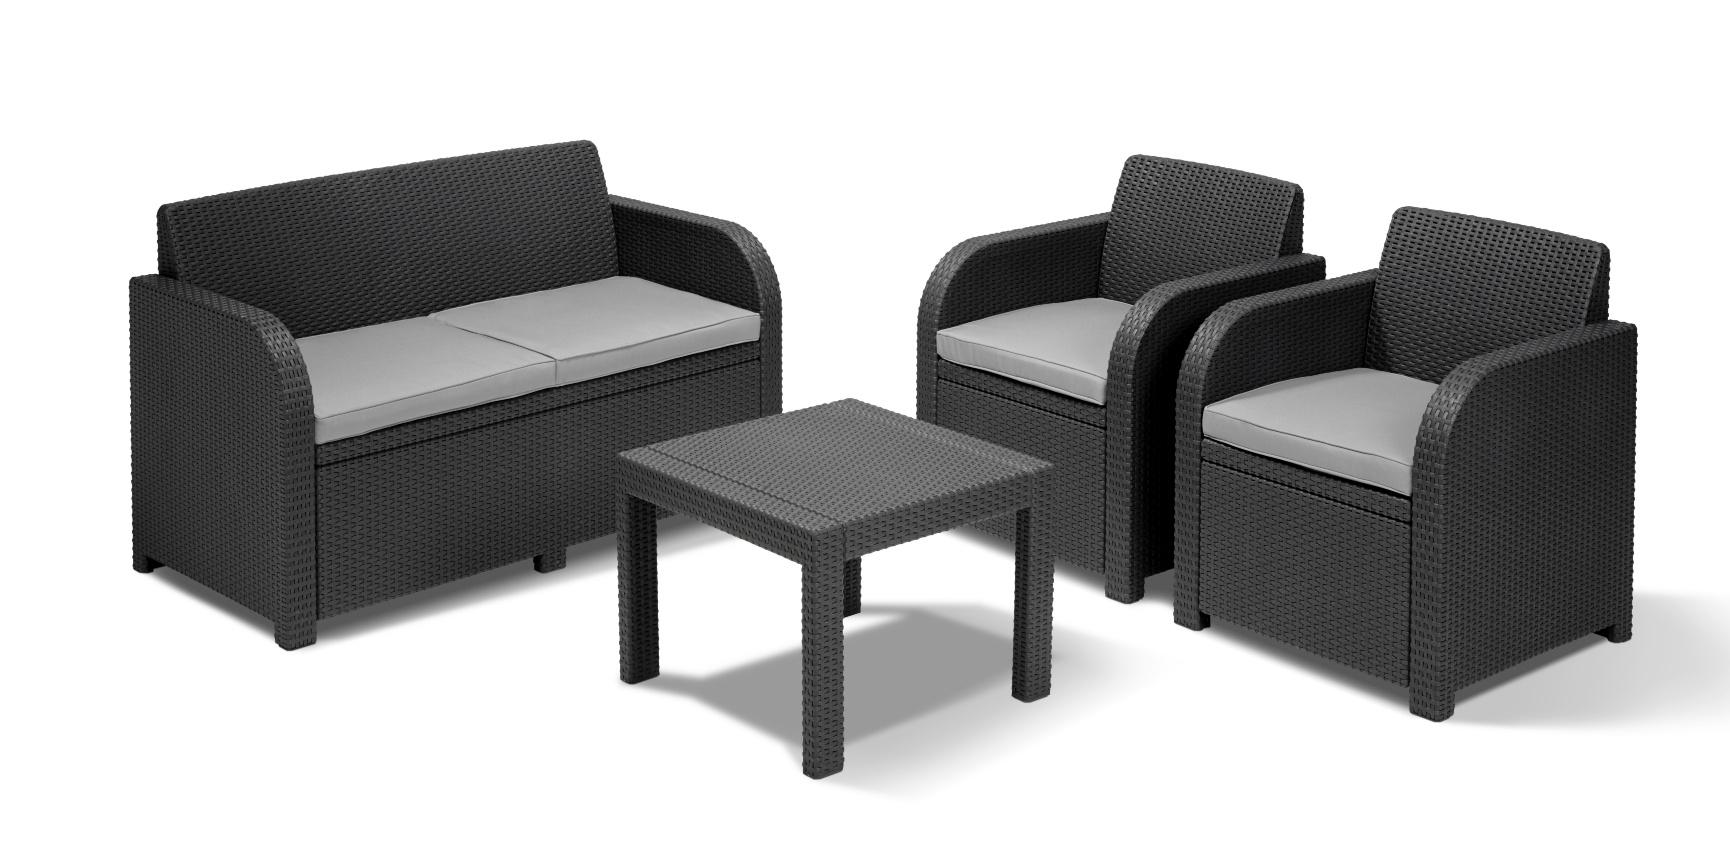 Loungeset | Lounge Sets - Allibert intérieur Salon De Jardin Allibert California